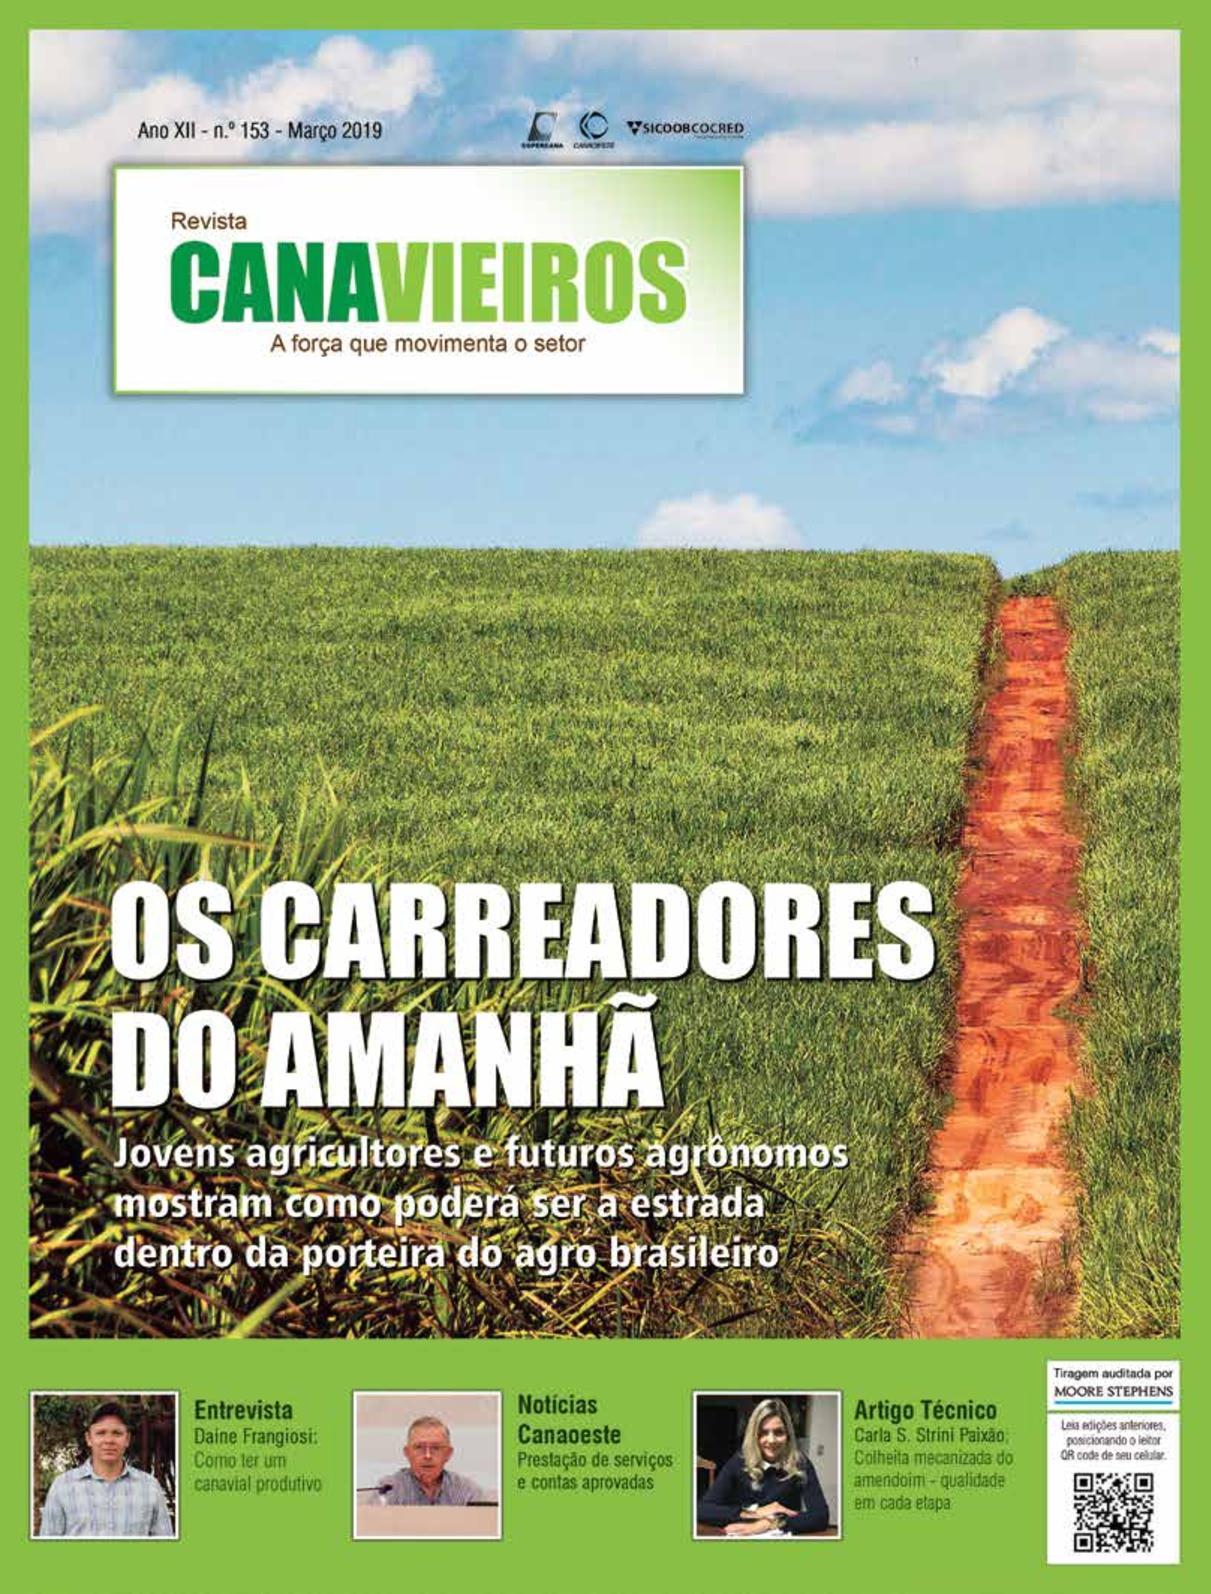 f6e3f24a2422 Calaméo - Edição 153 - Março 2019 - Os carreadores do amanhã